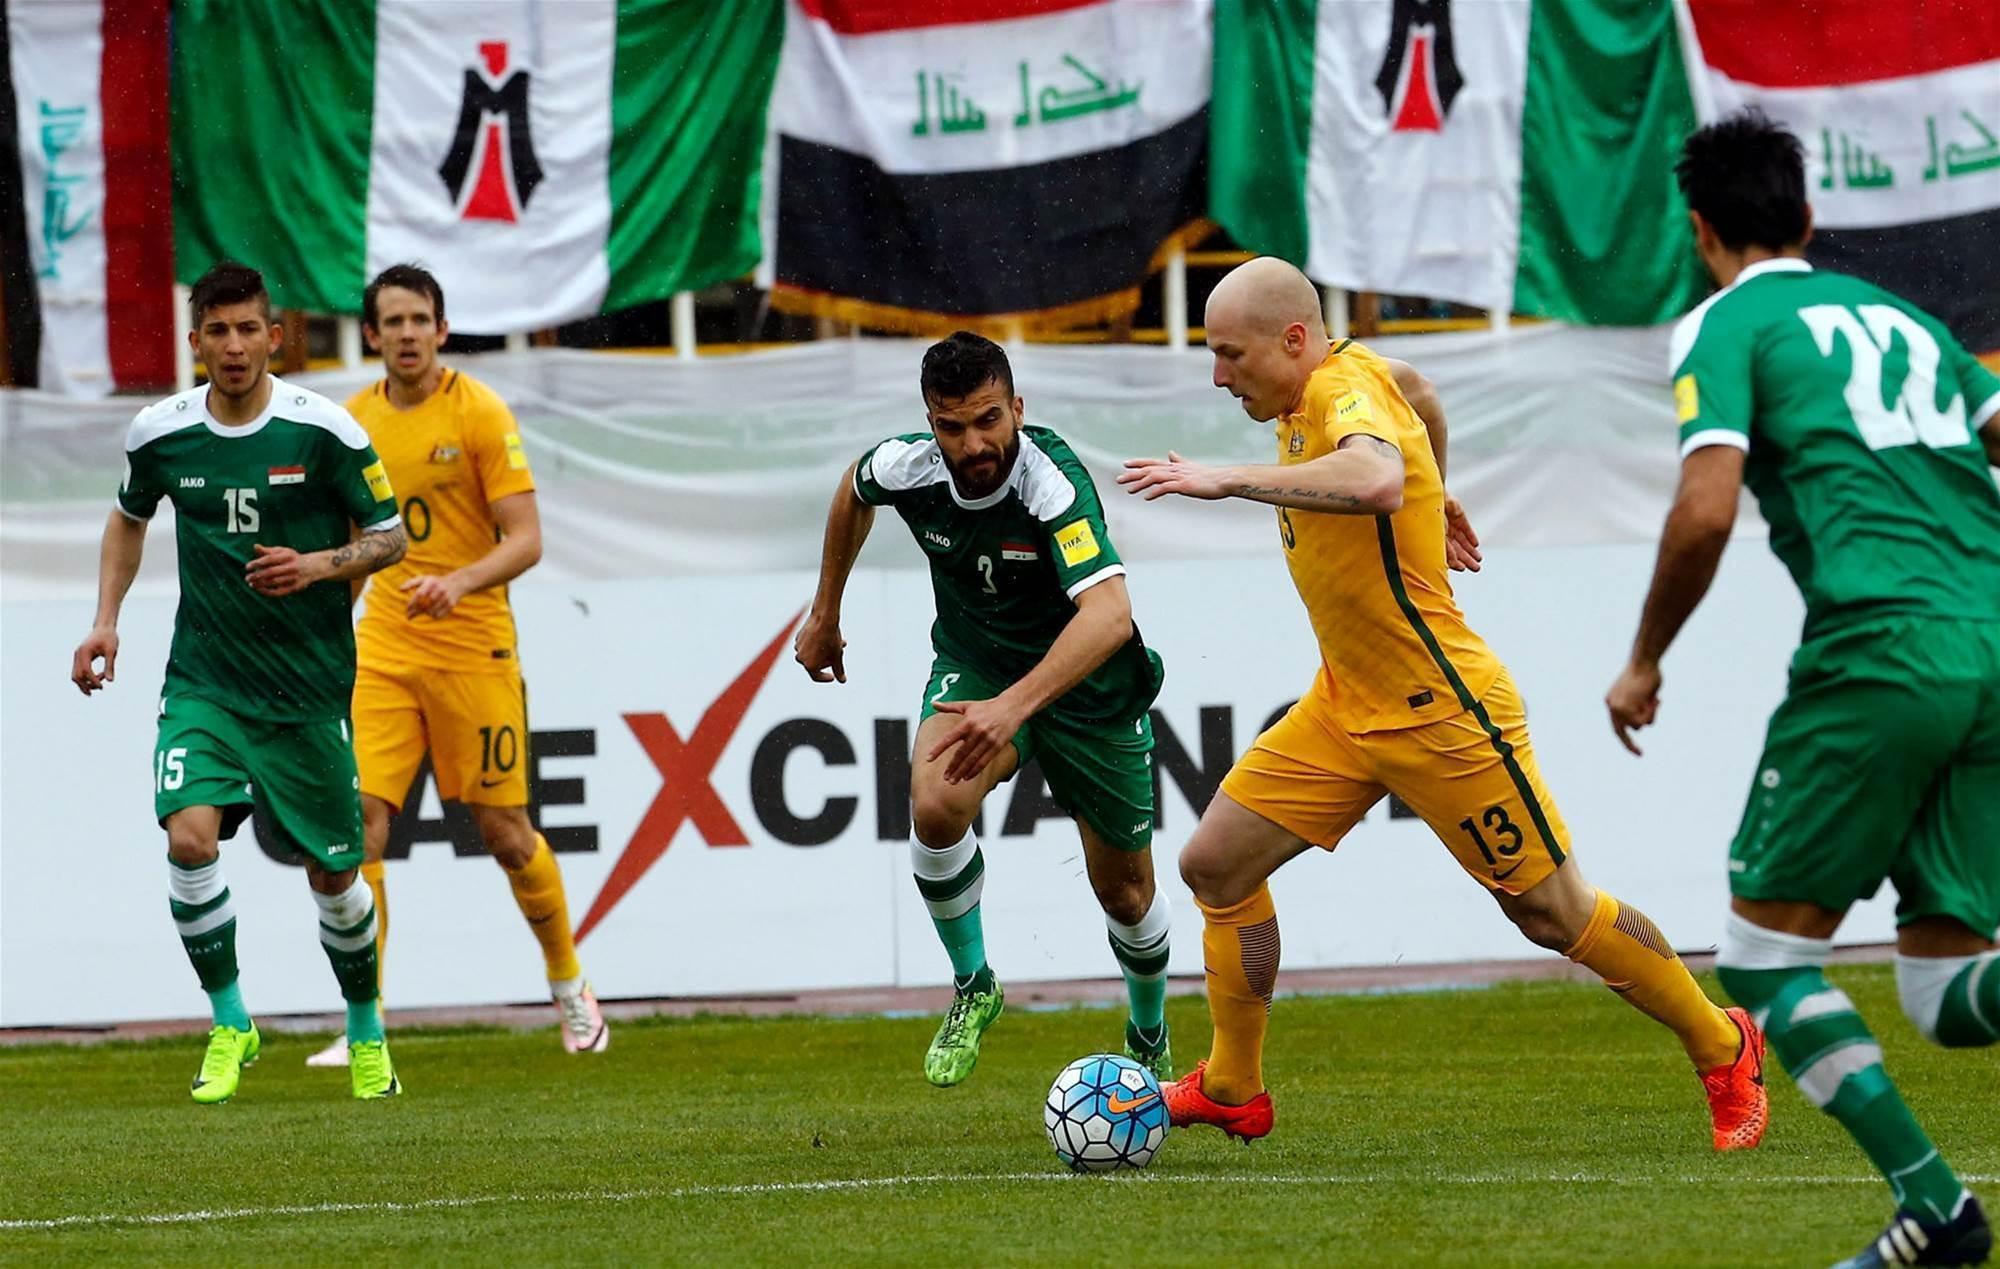 Iraq-Australia pic special